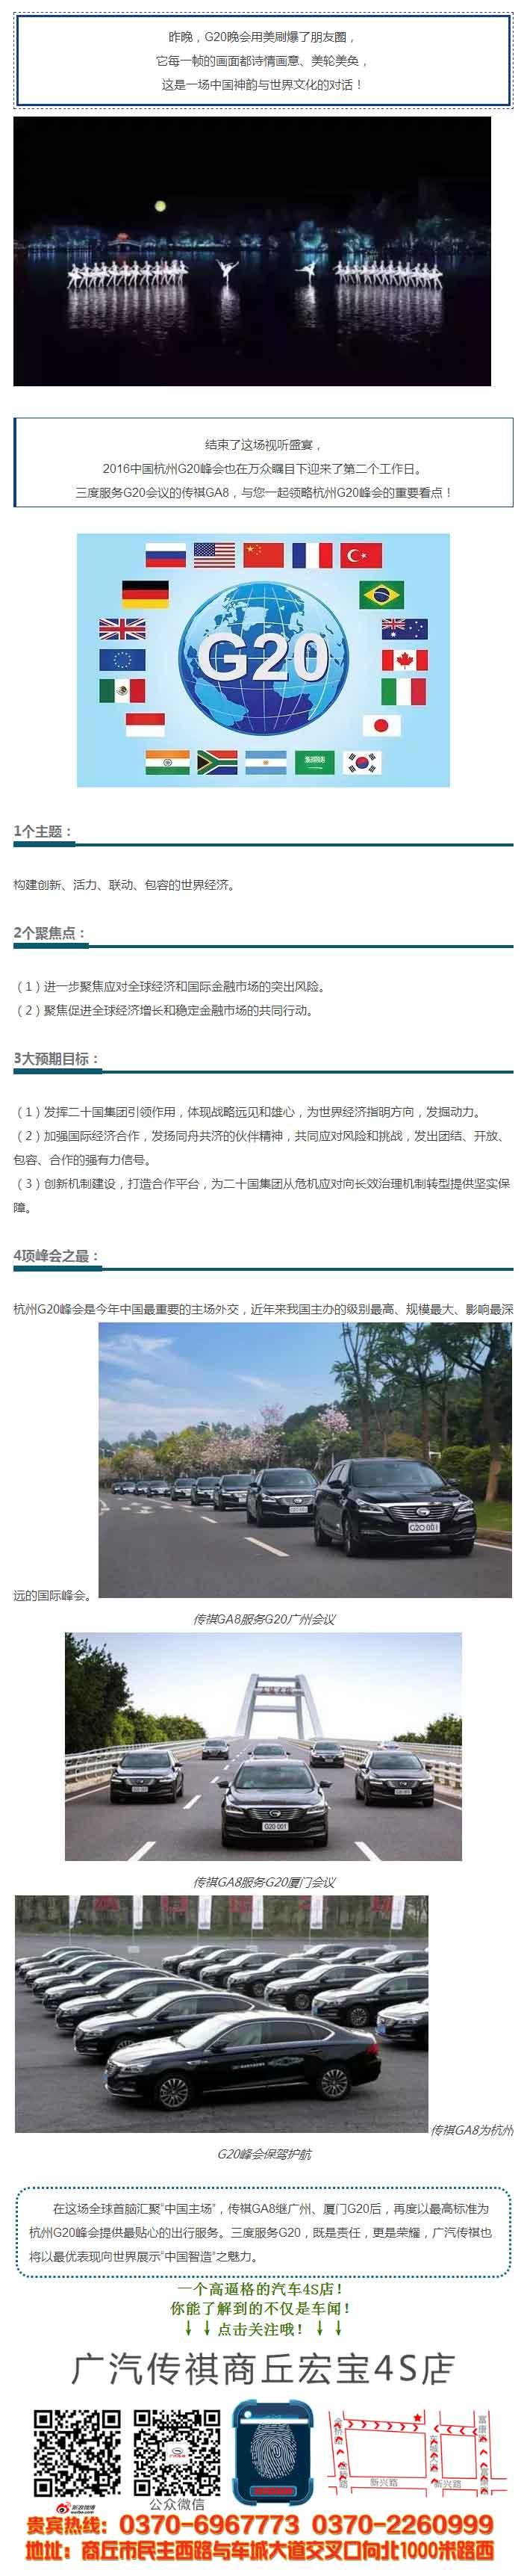 【车闻】聚焦杭州g20,传祺ga8与您一起领略